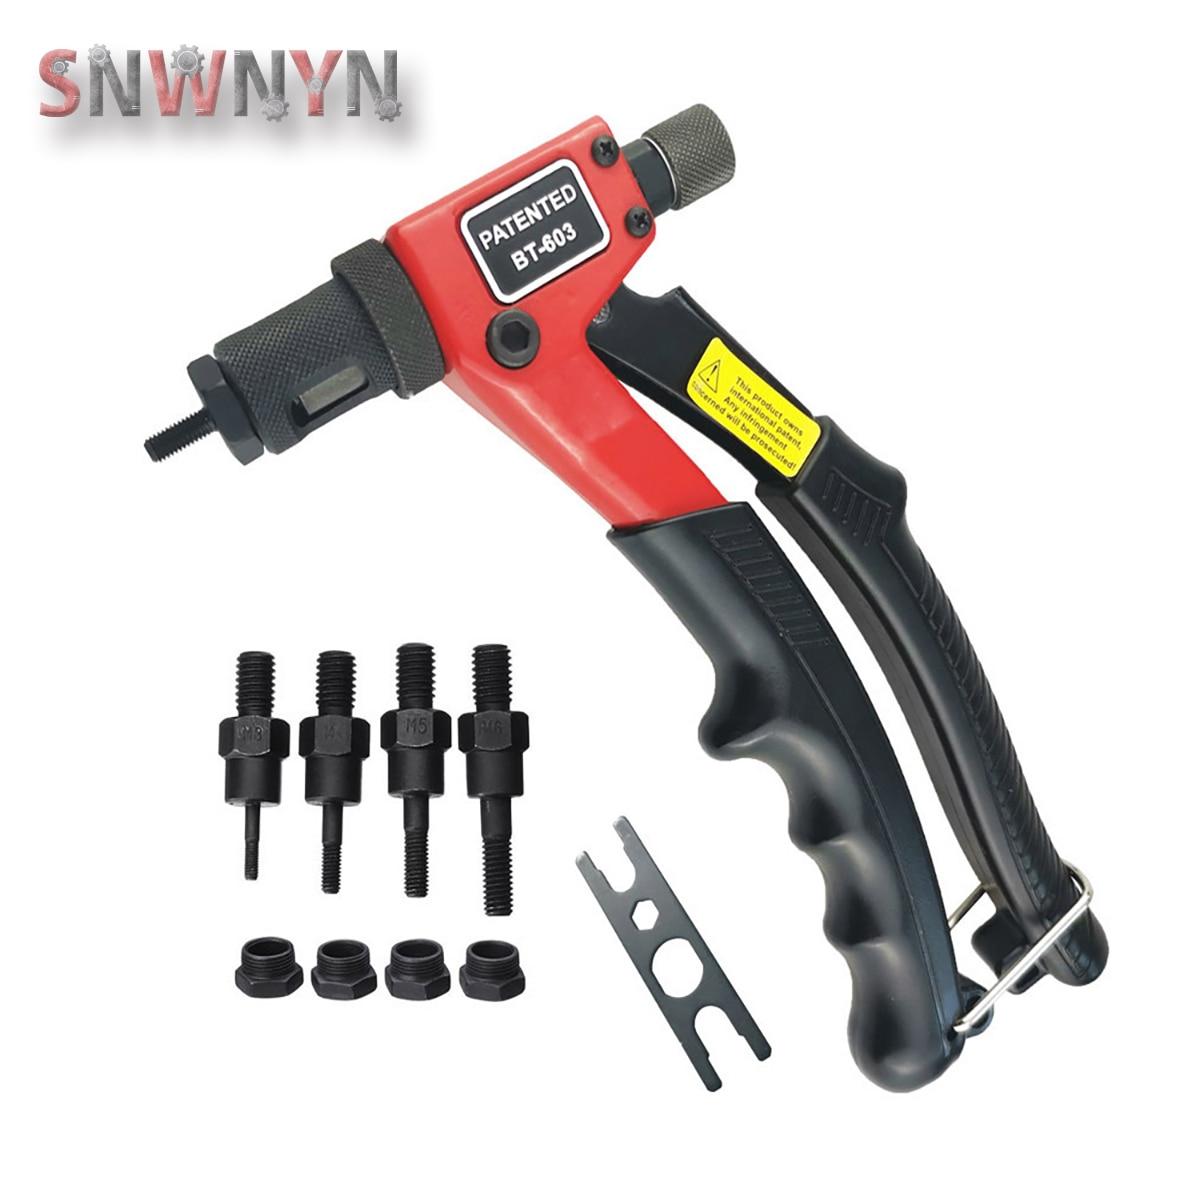 BT-603 Manual Riveter Gun Kit Hand Rivet Tool Rivet Nut Setting Tools Nut Setter Hand Riveter with Mandrels M3/M4/M5/M6